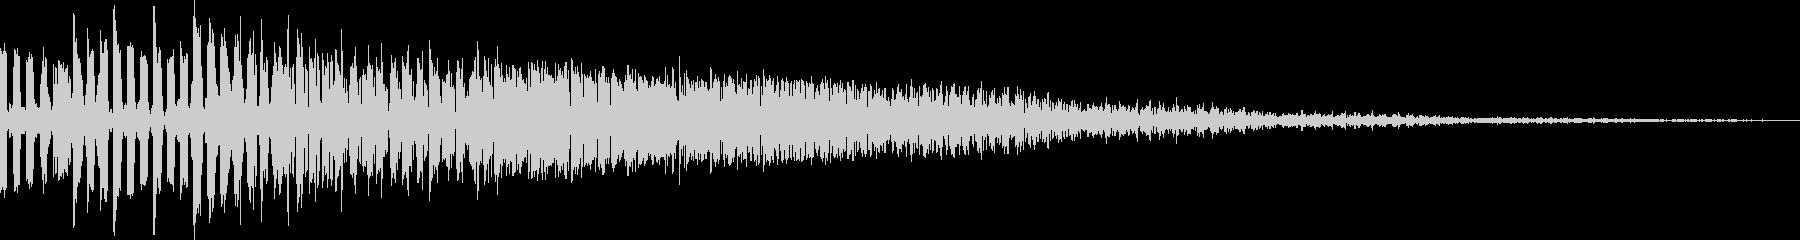 アナログFX 10の未再生の波形